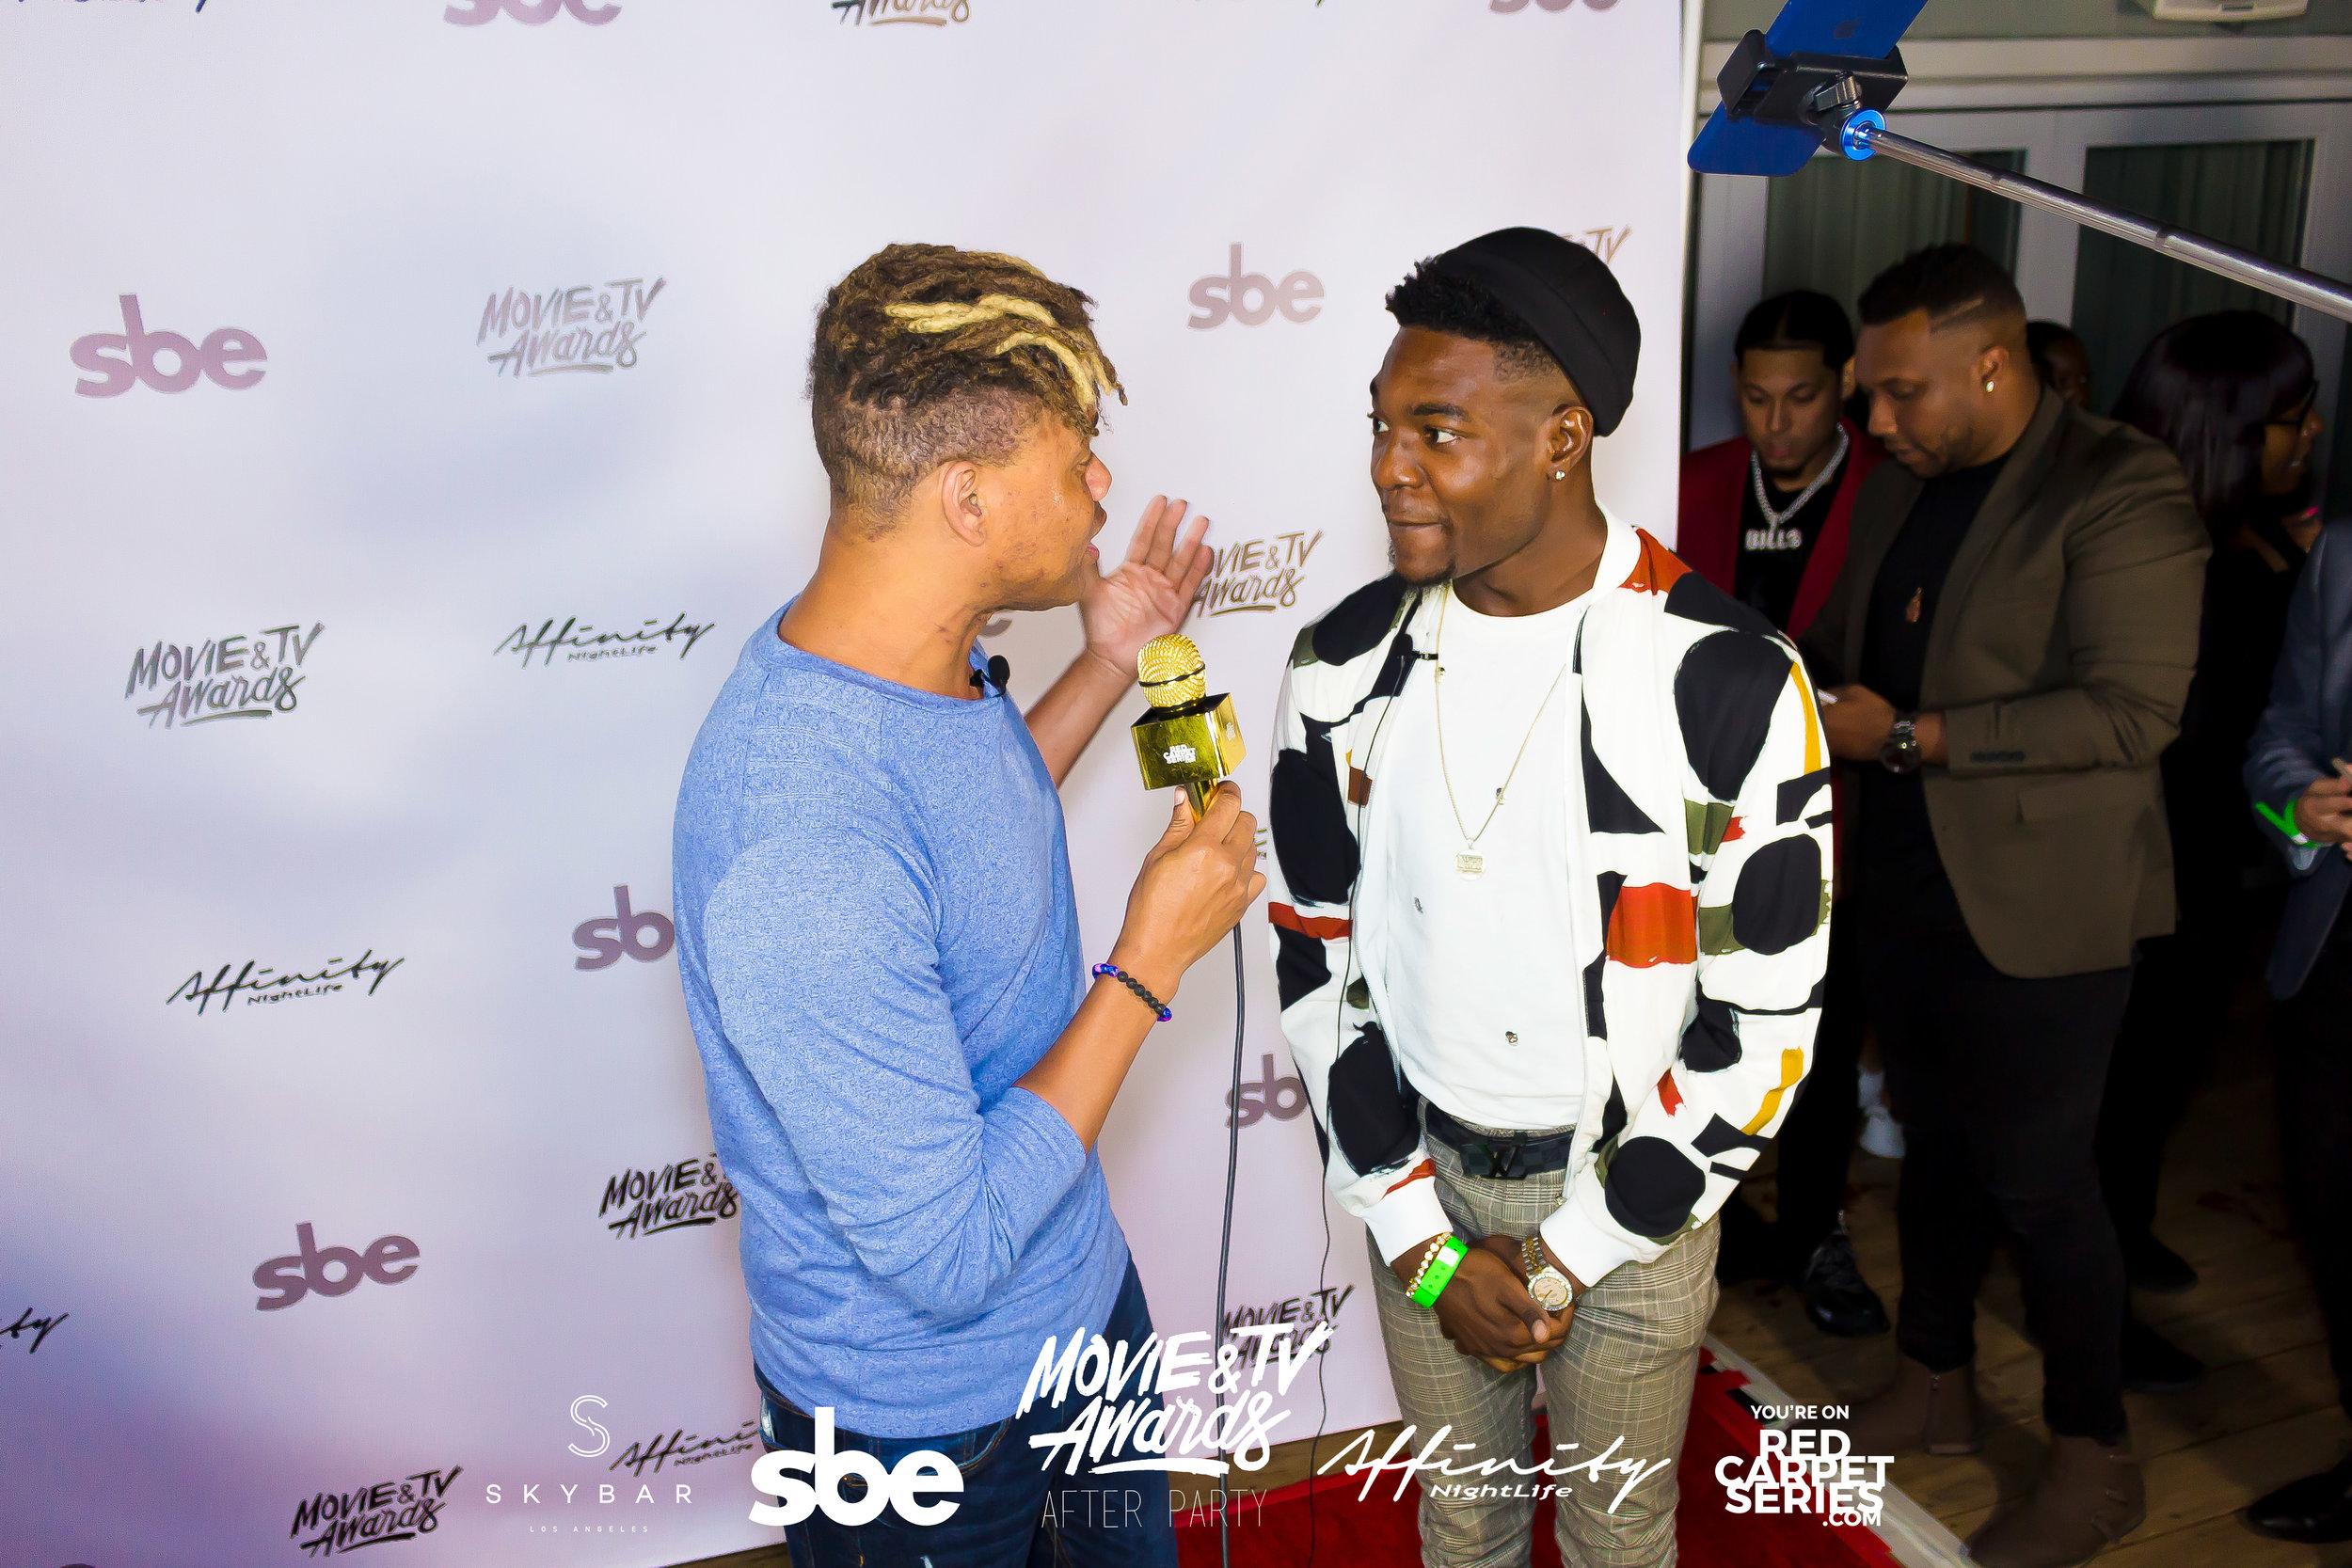 Affinity Nightlife MTV Movie & TV Awards After Party - Skybar at Mondrian - 06-15-19 - Vol. 1_45.jpg